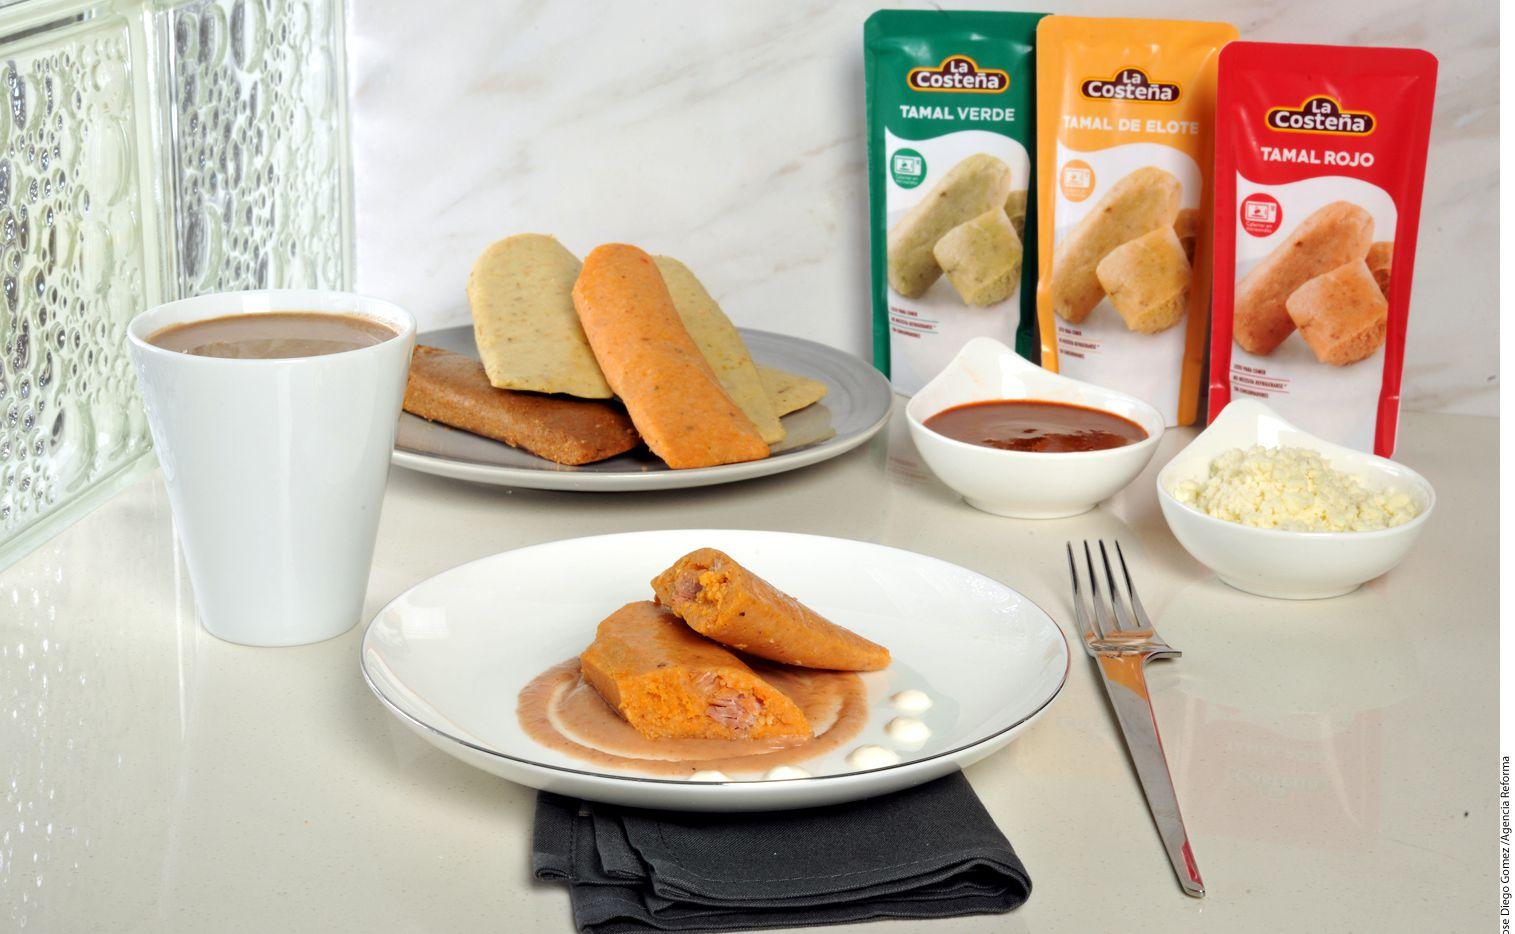 De México y Latinoamérica, existen tamales que cautivan al mundo entero por su forma, tamaño y sabor./ AGENCIA REFORMA